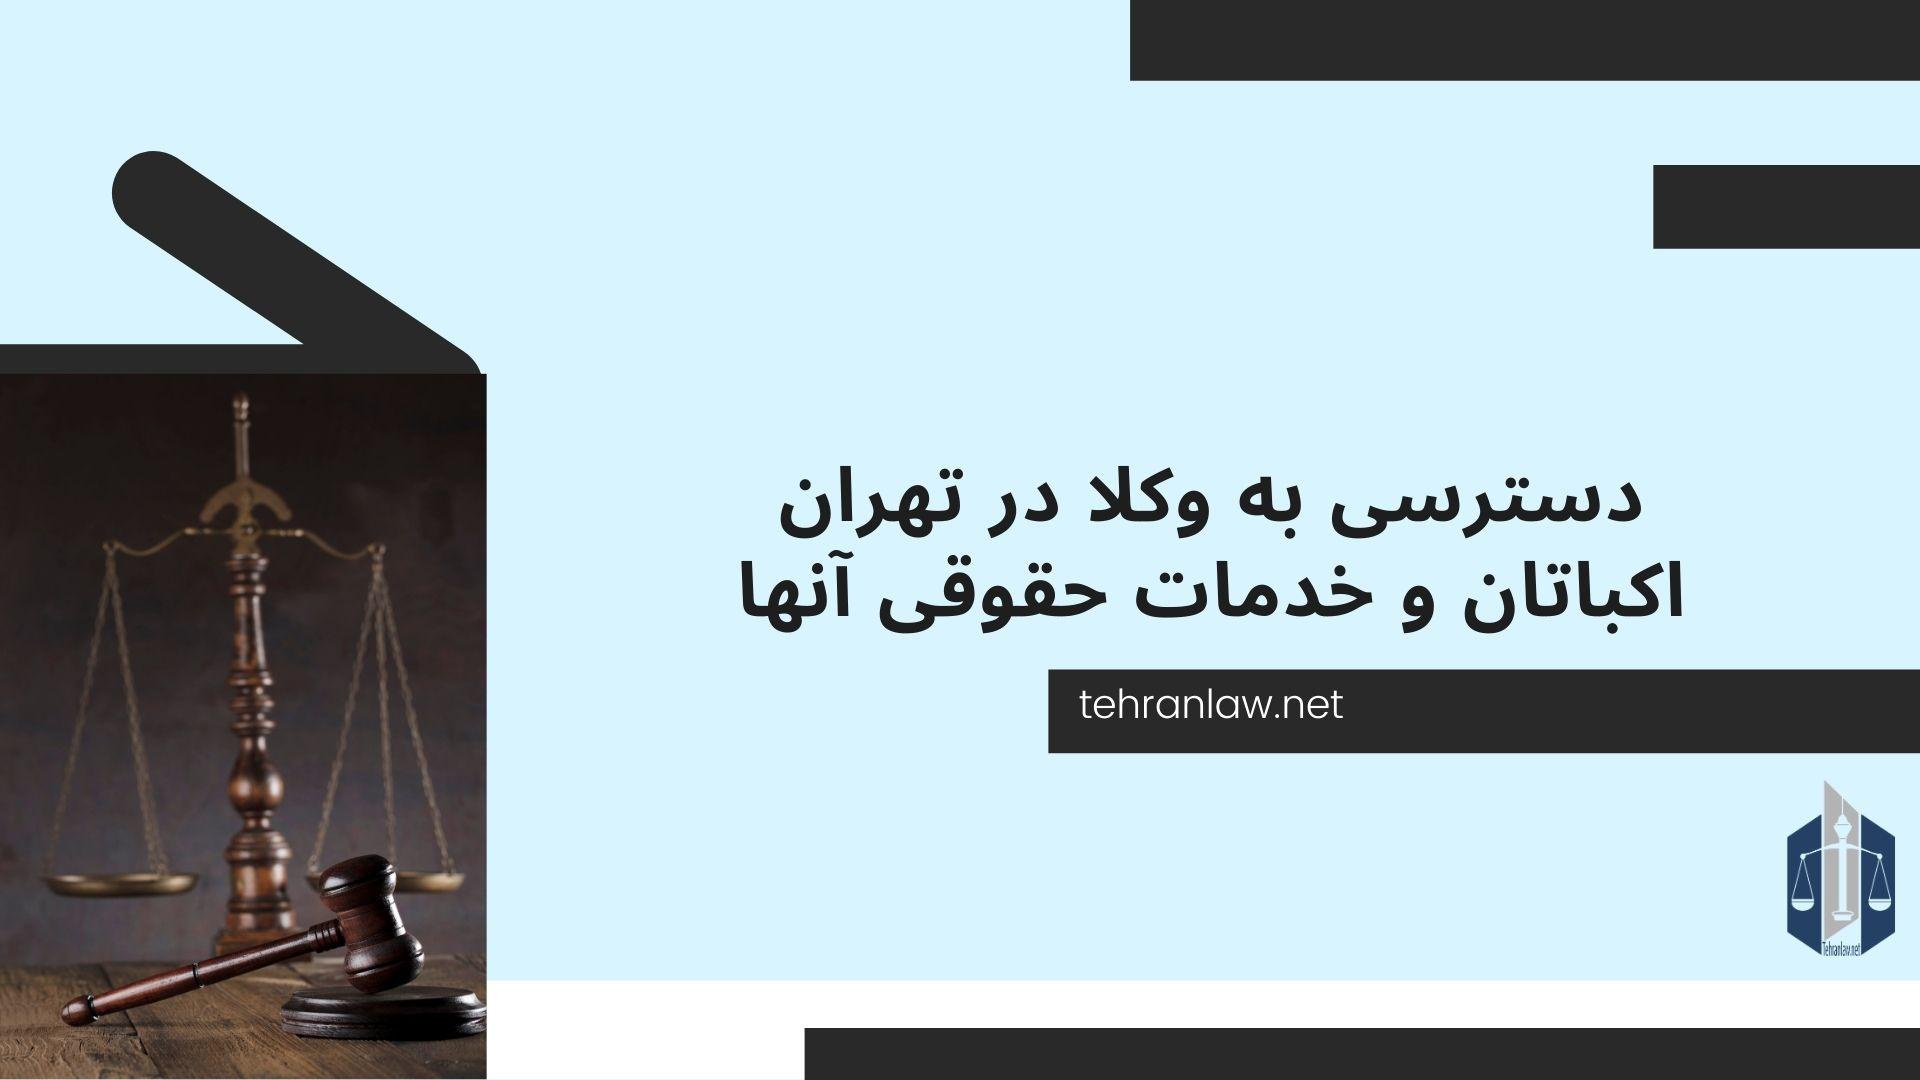 دسترسی به وکلا در تهران اکباتان و خدمات حقوقی آنها